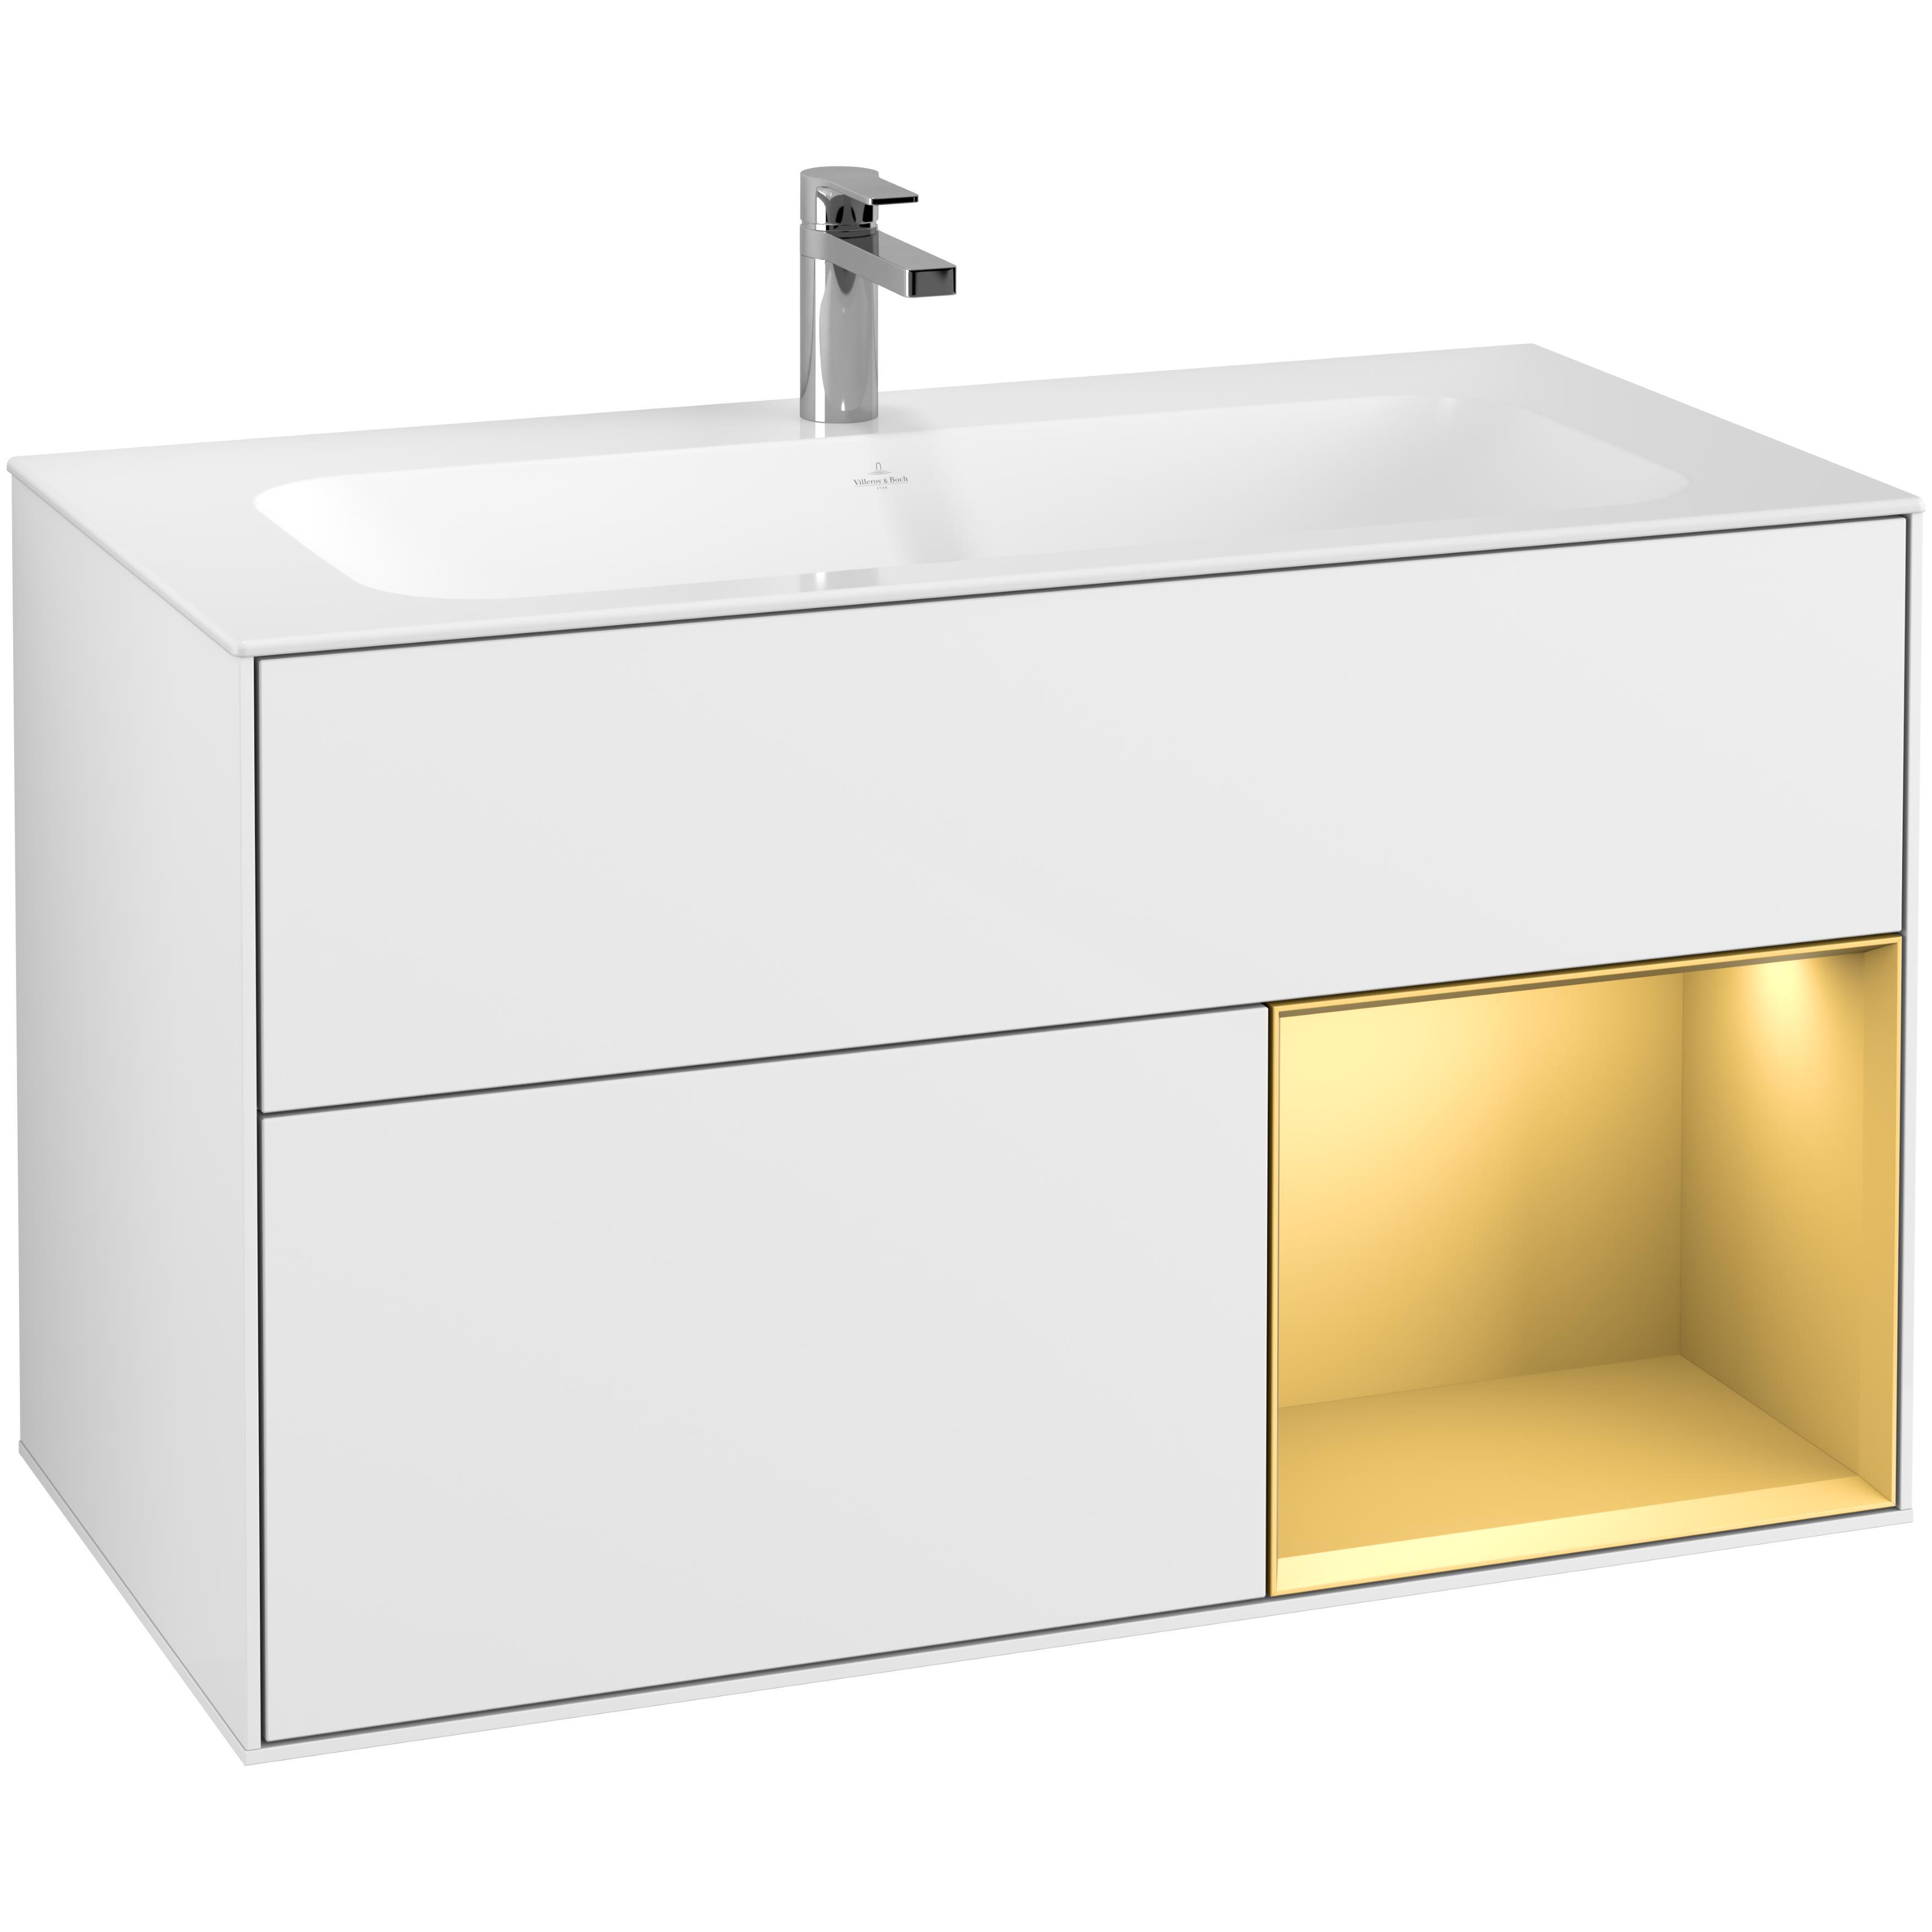 Tvättställsskåp Villeroy & Boch Finion med 2 Lådor och Hylla för Inbyggt Tvättställ